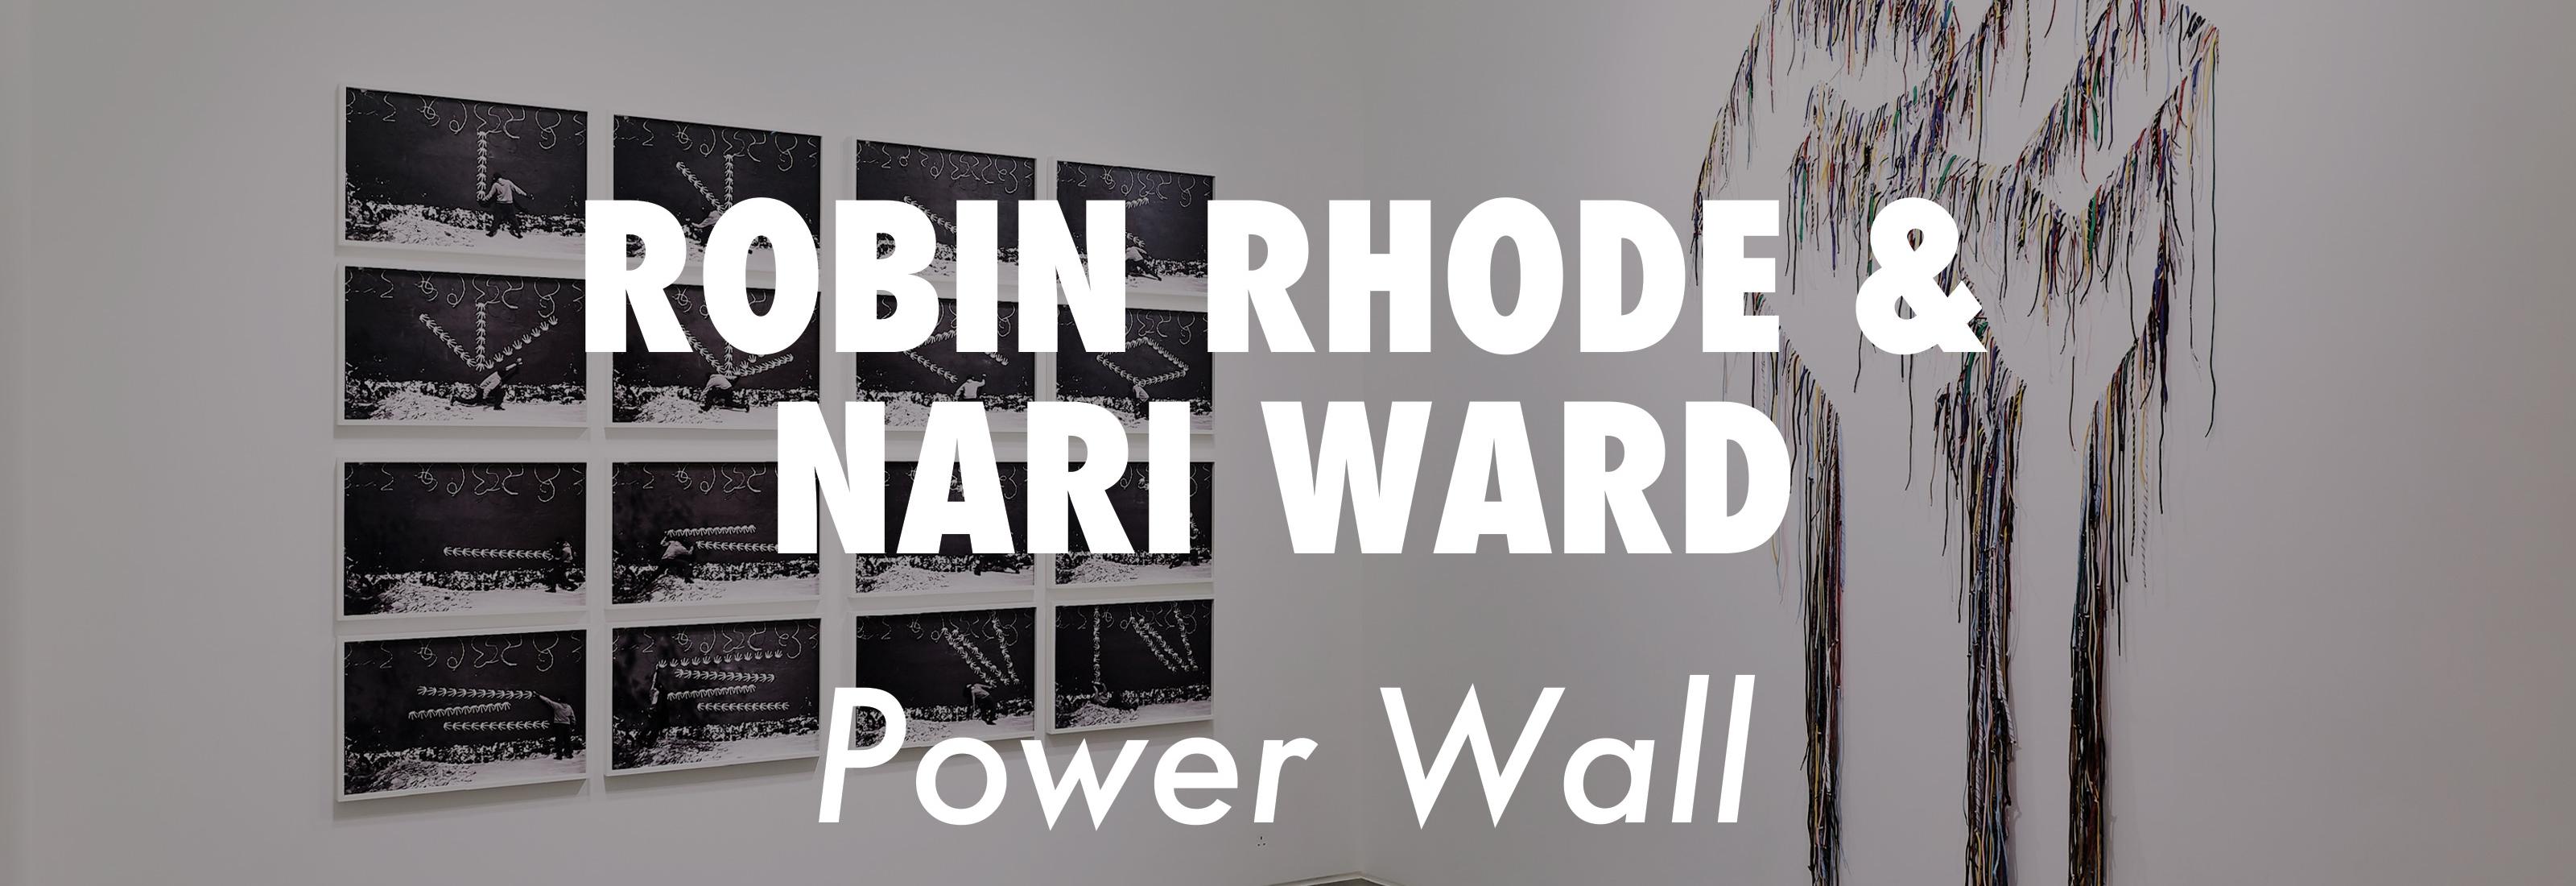 Robin Rhode & Nari Ward